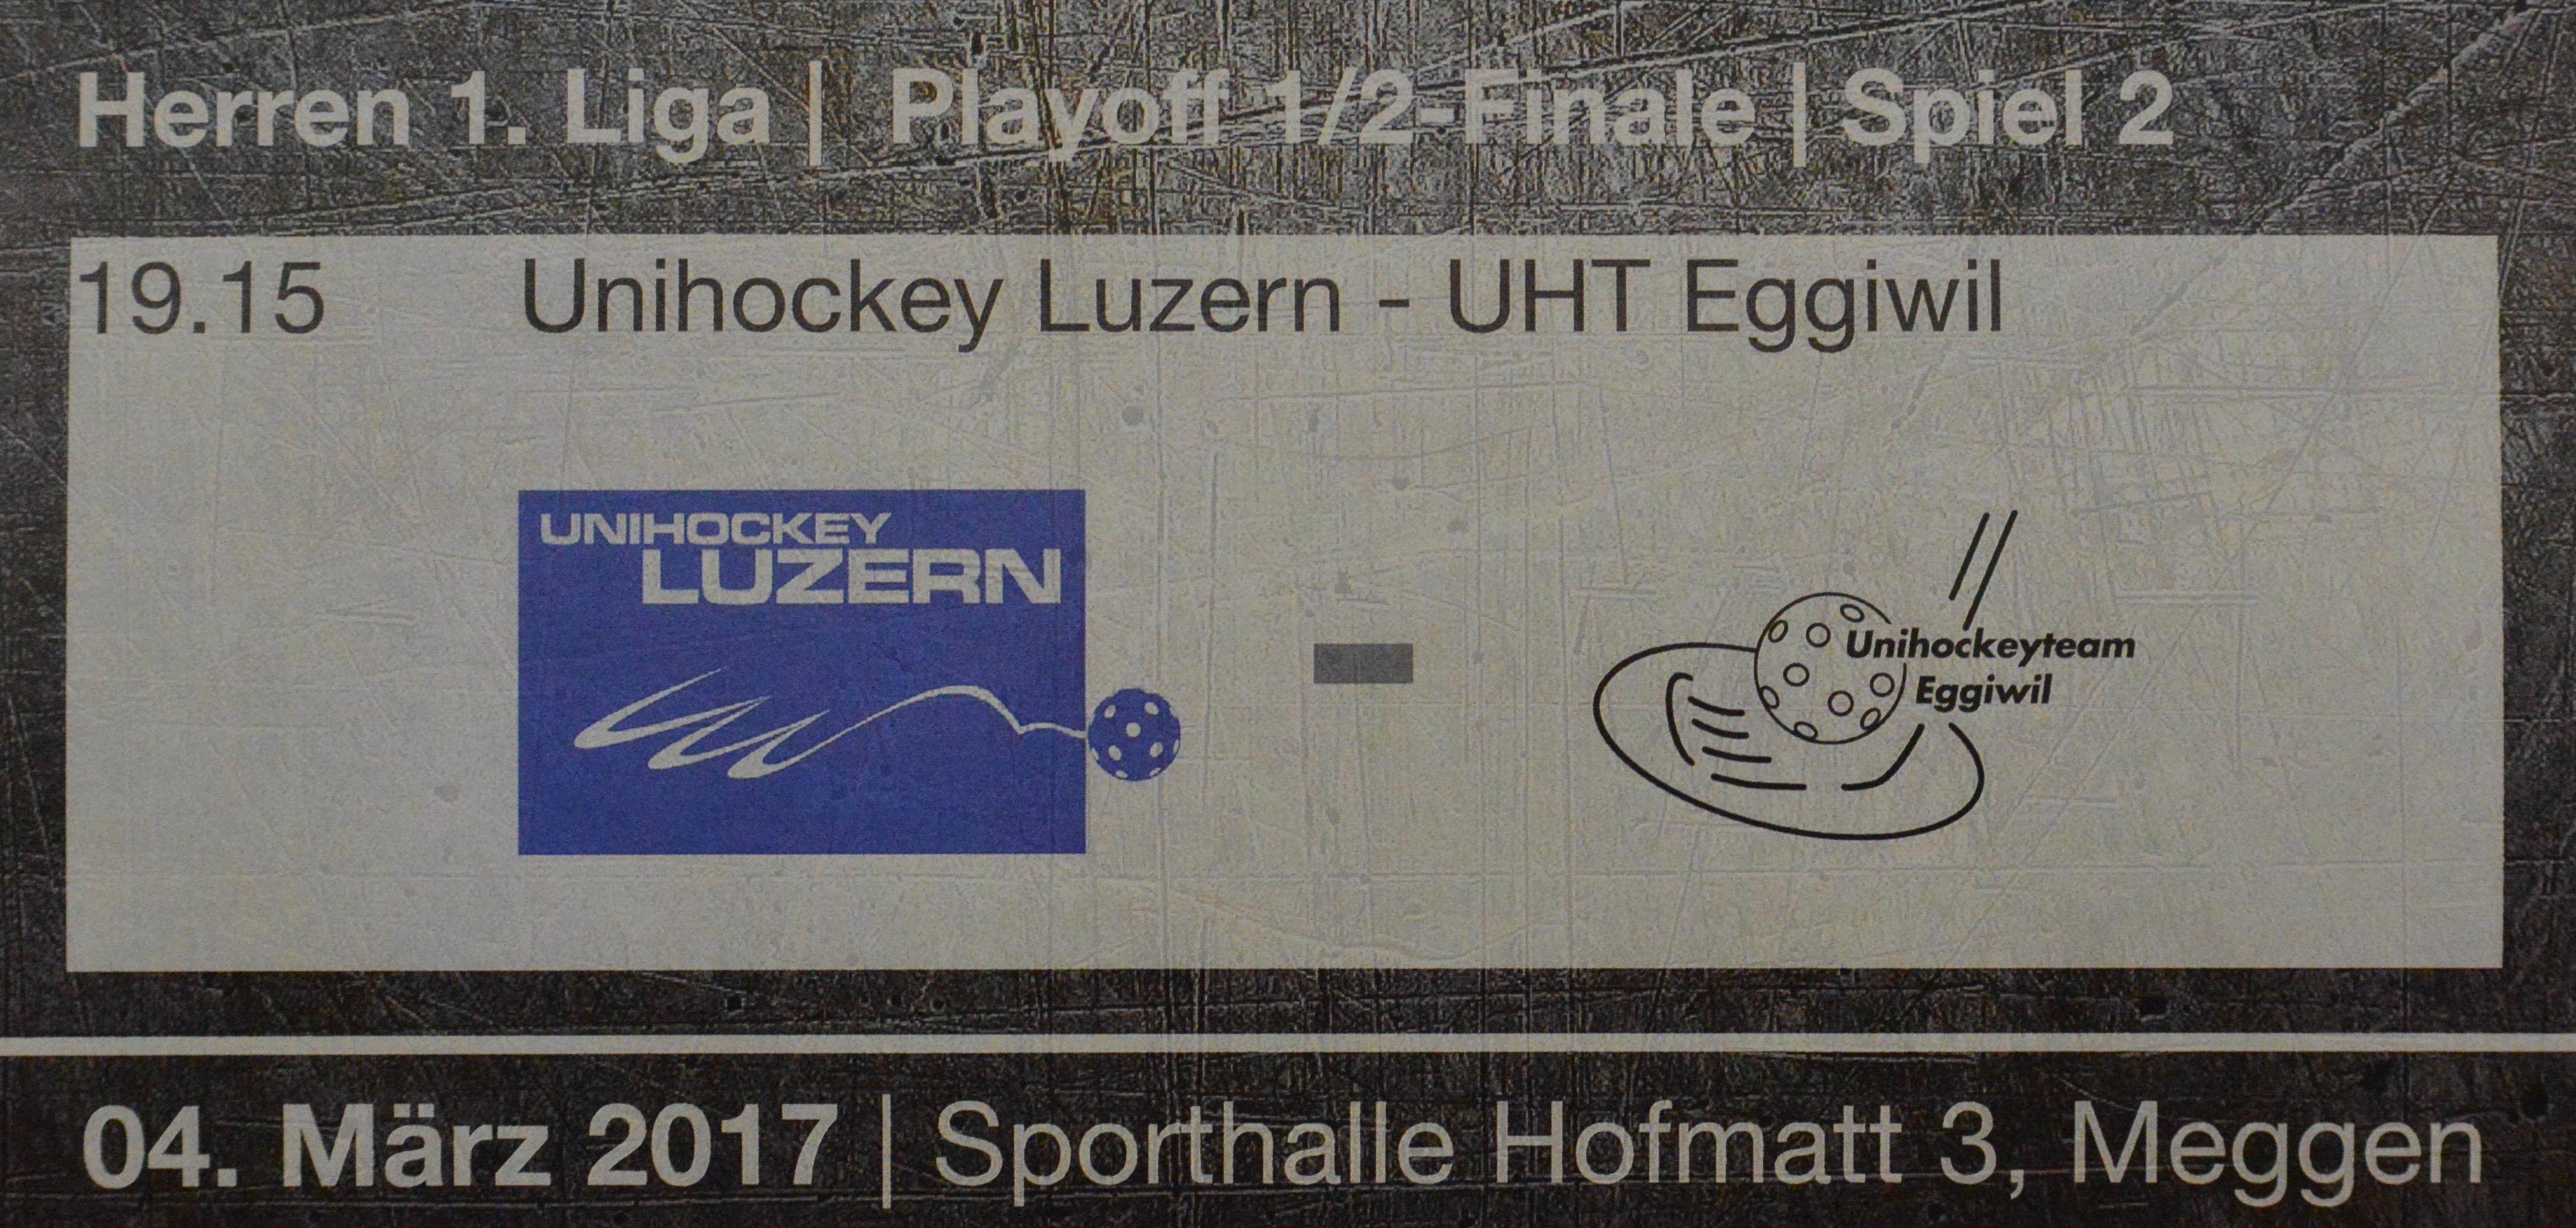 Herren I - Unihockey Luzern Halbfinal Spiel II Saison 2016/17